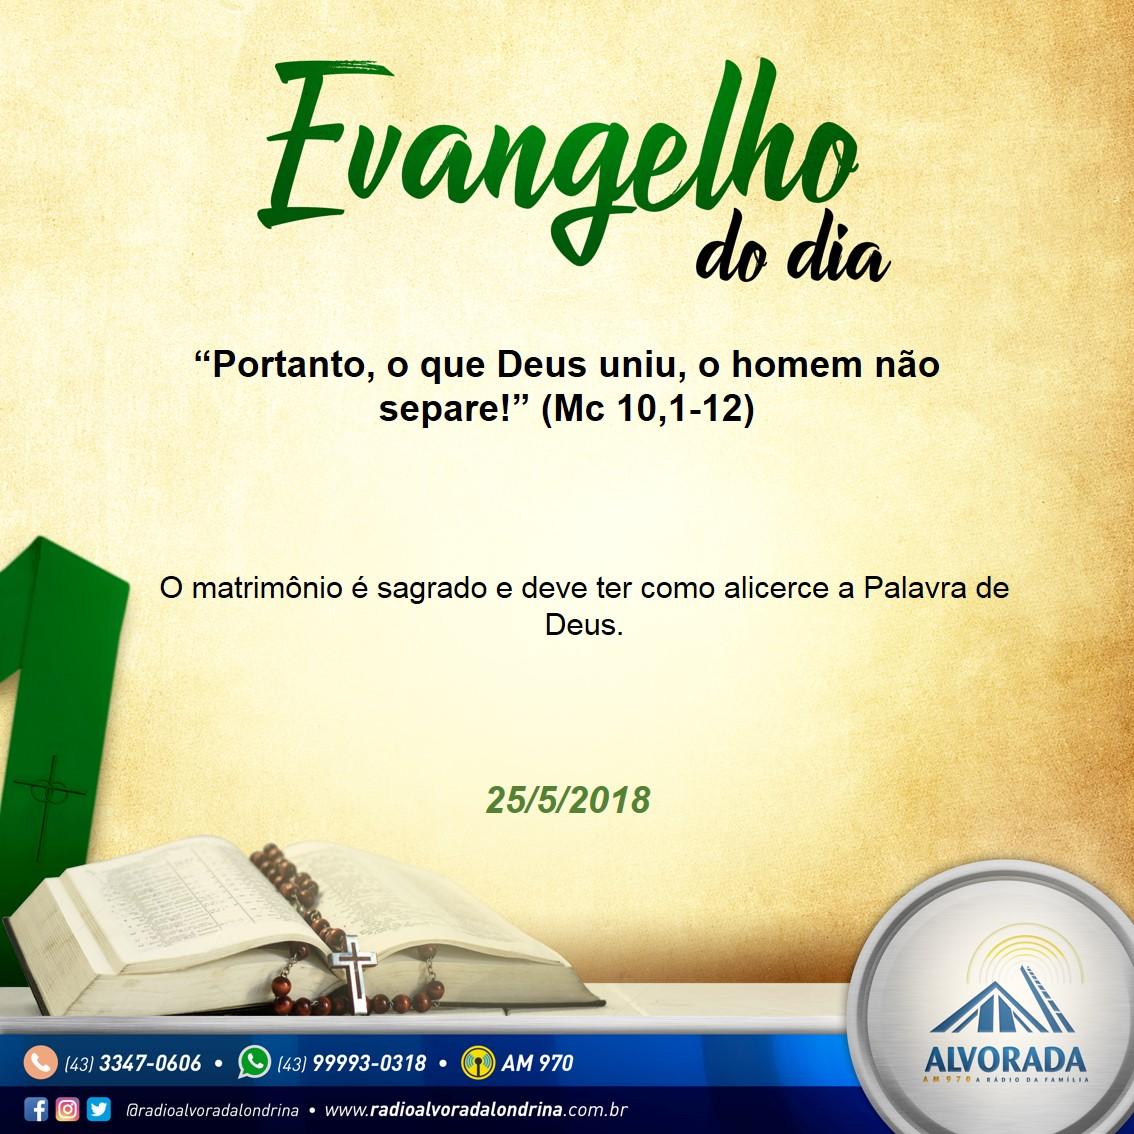 radio_alvorada_post_evangelho_do_dia_VERDE 250518